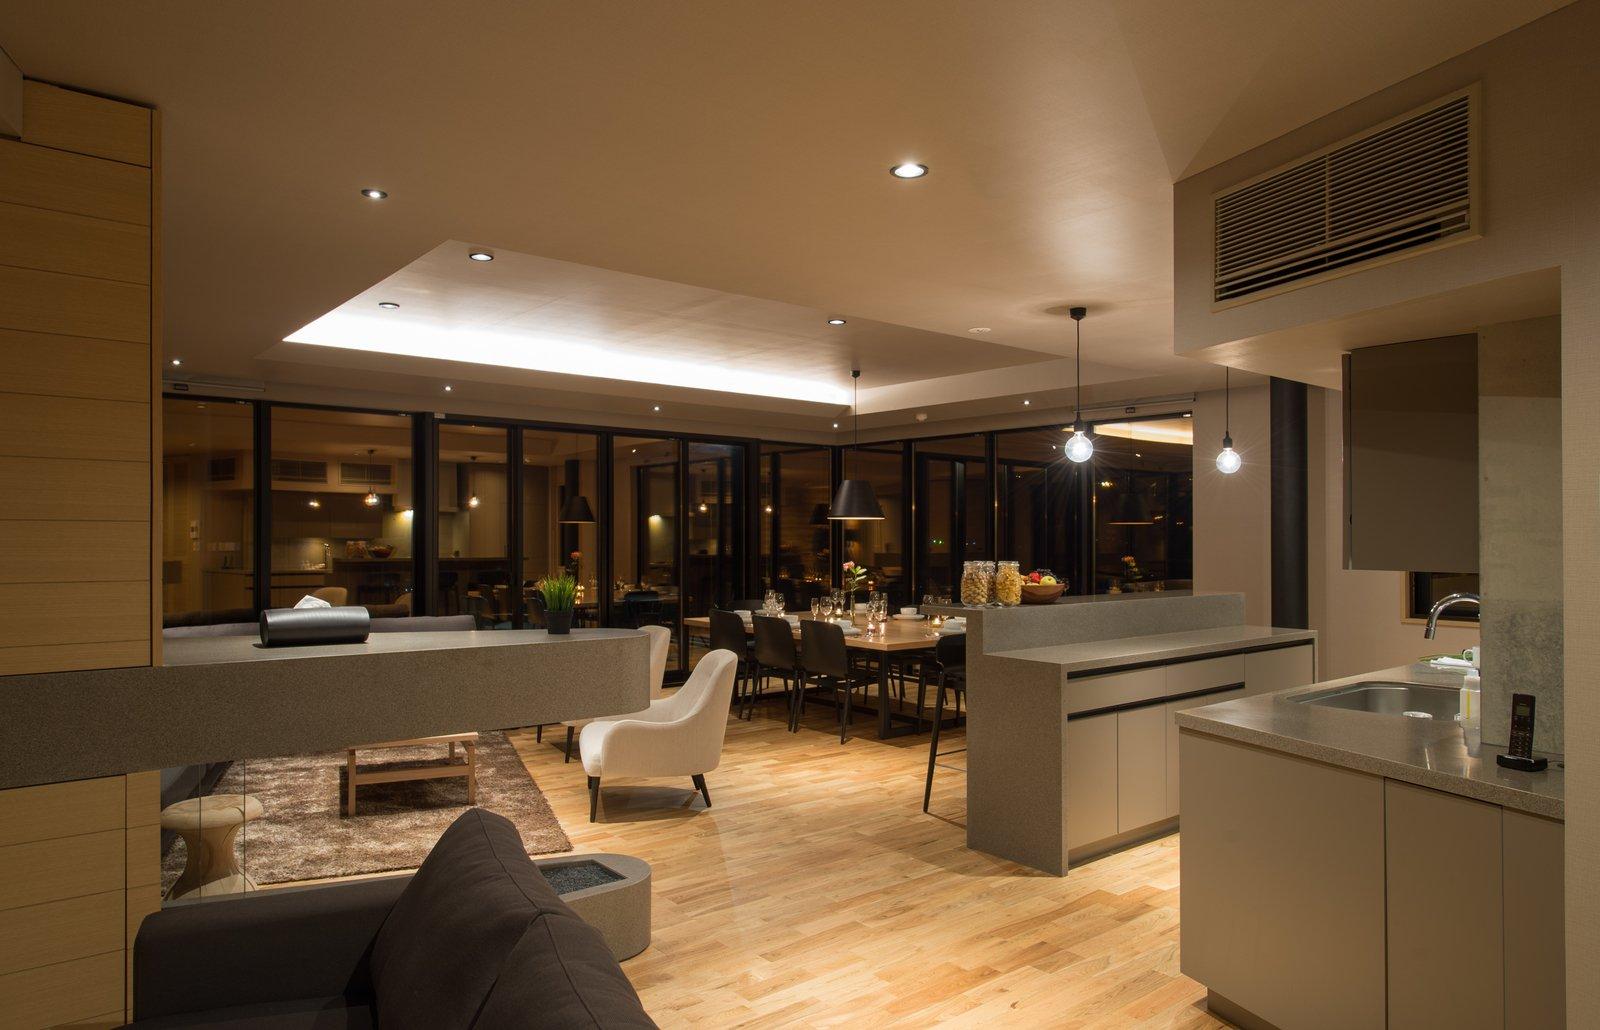 Aspect 3bdr platinum suite top floor large